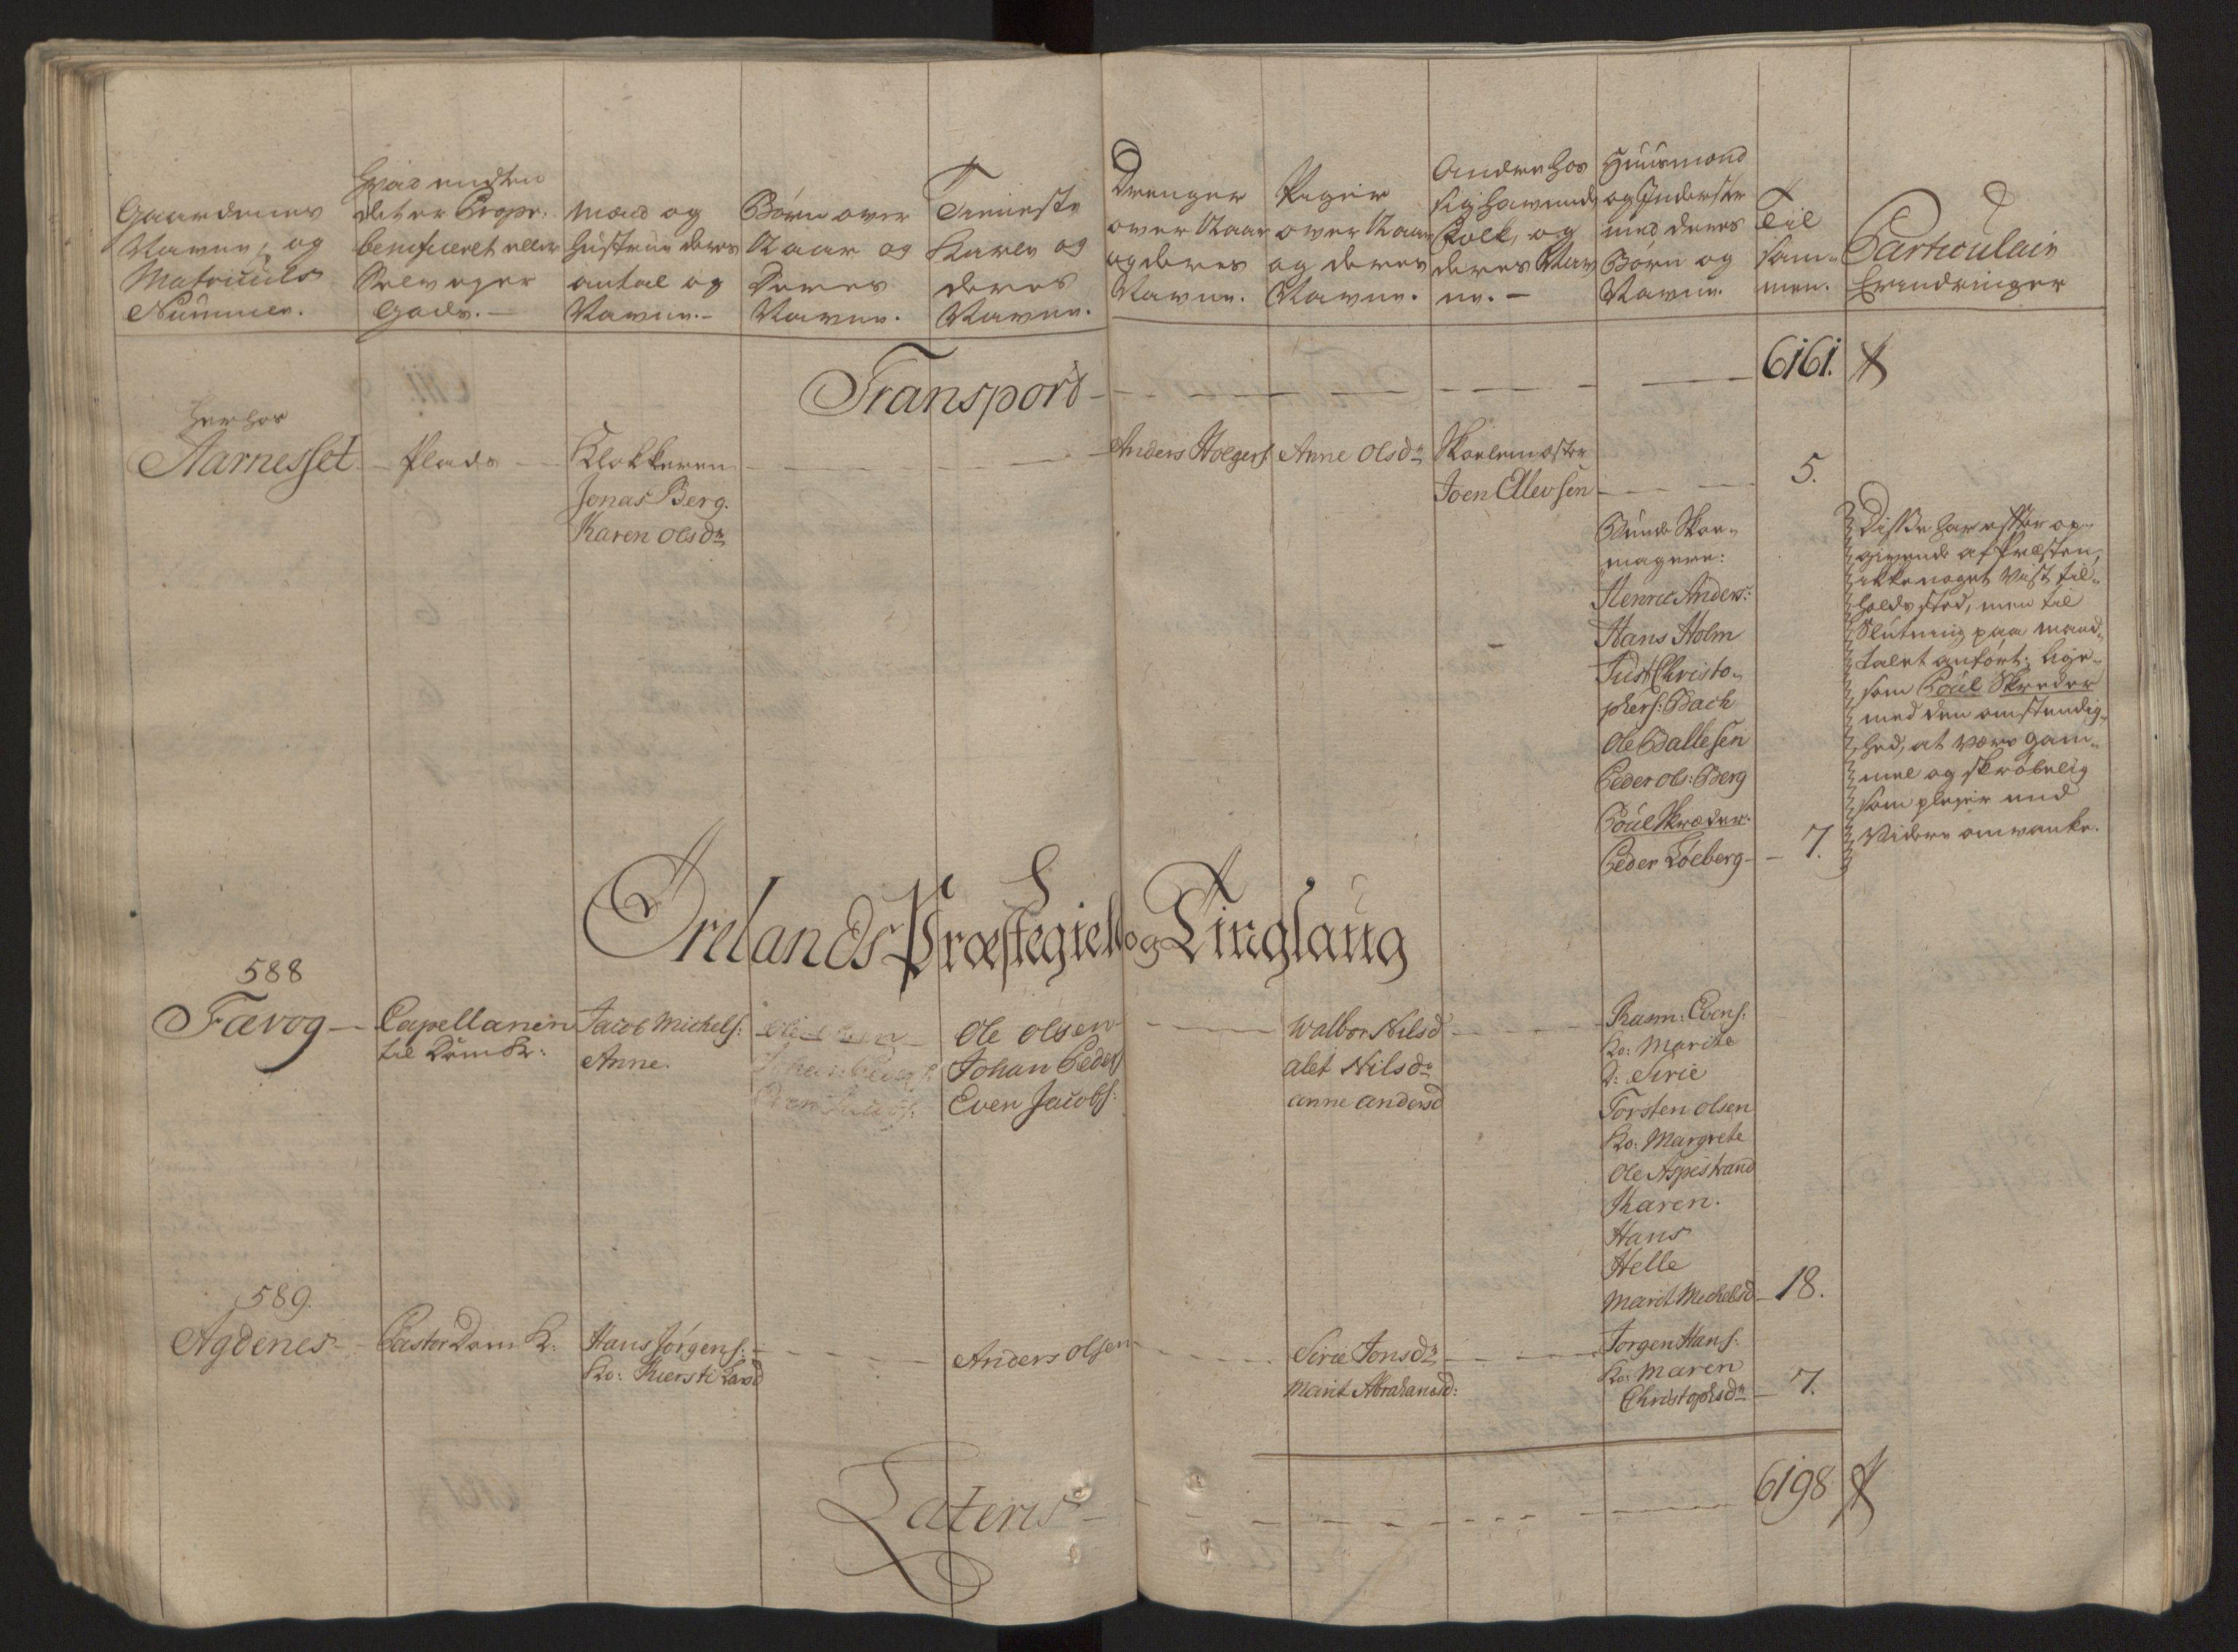 RA, Rentekammeret inntil 1814, Reviderte regnskaper, Fogderegnskap, R57/L3930: Ekstraskatten Fosen, 1762-1763, s. 135